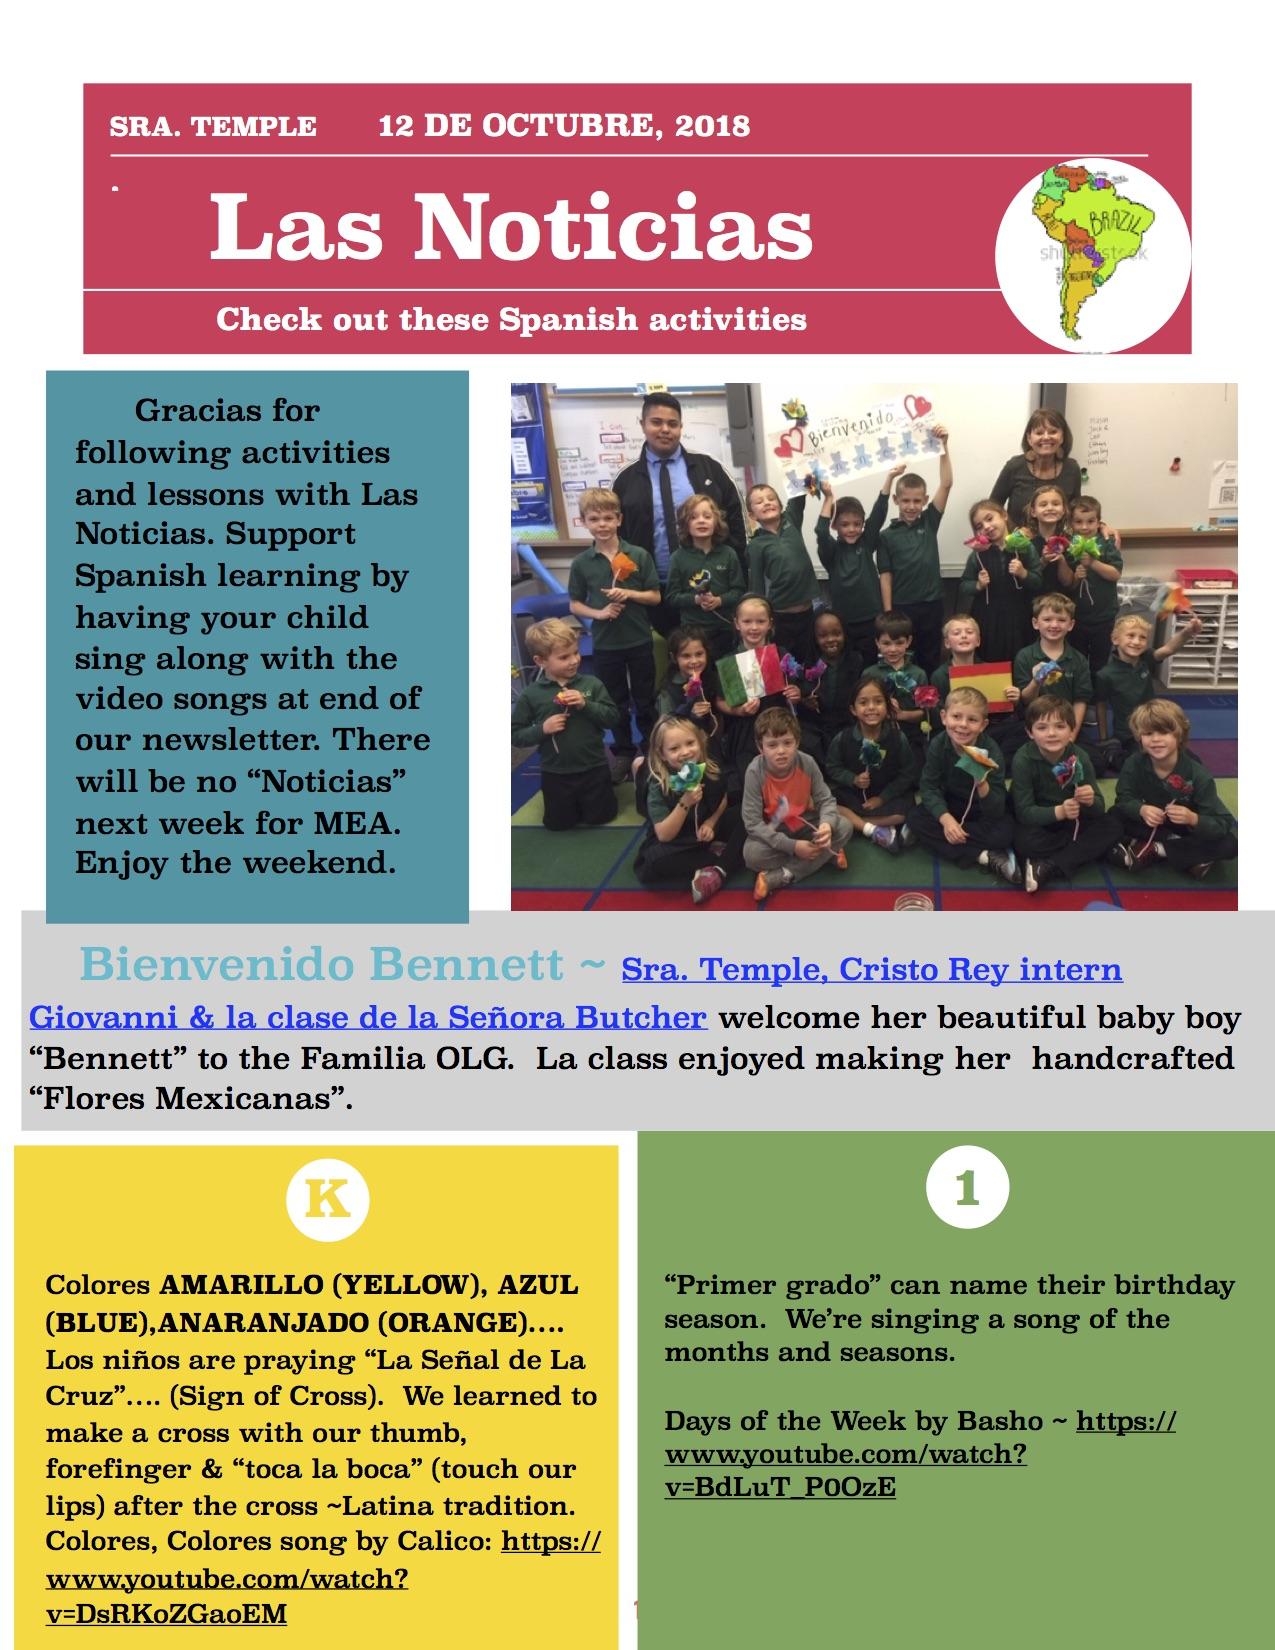 Las Noticias 10-12-18 Pg. 1.jpg